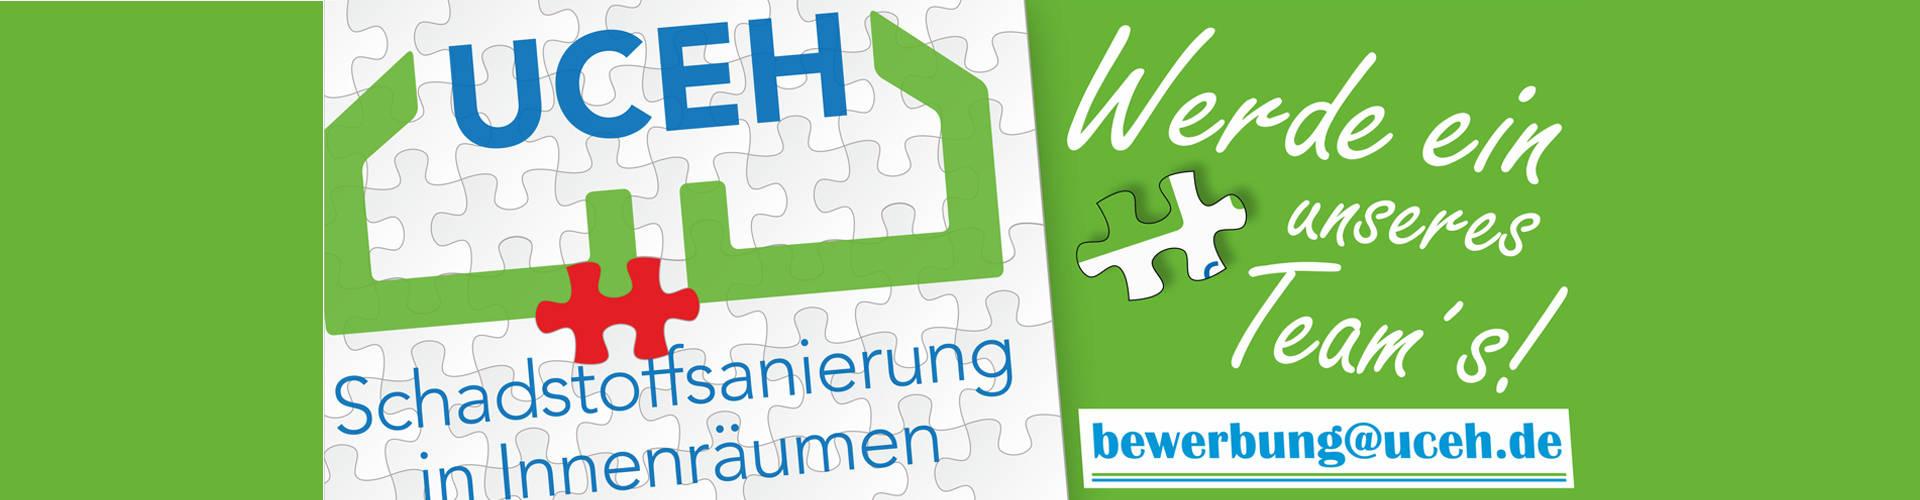 UCEH-Schimmelentfernung-Job-Bewerbung-Berlin